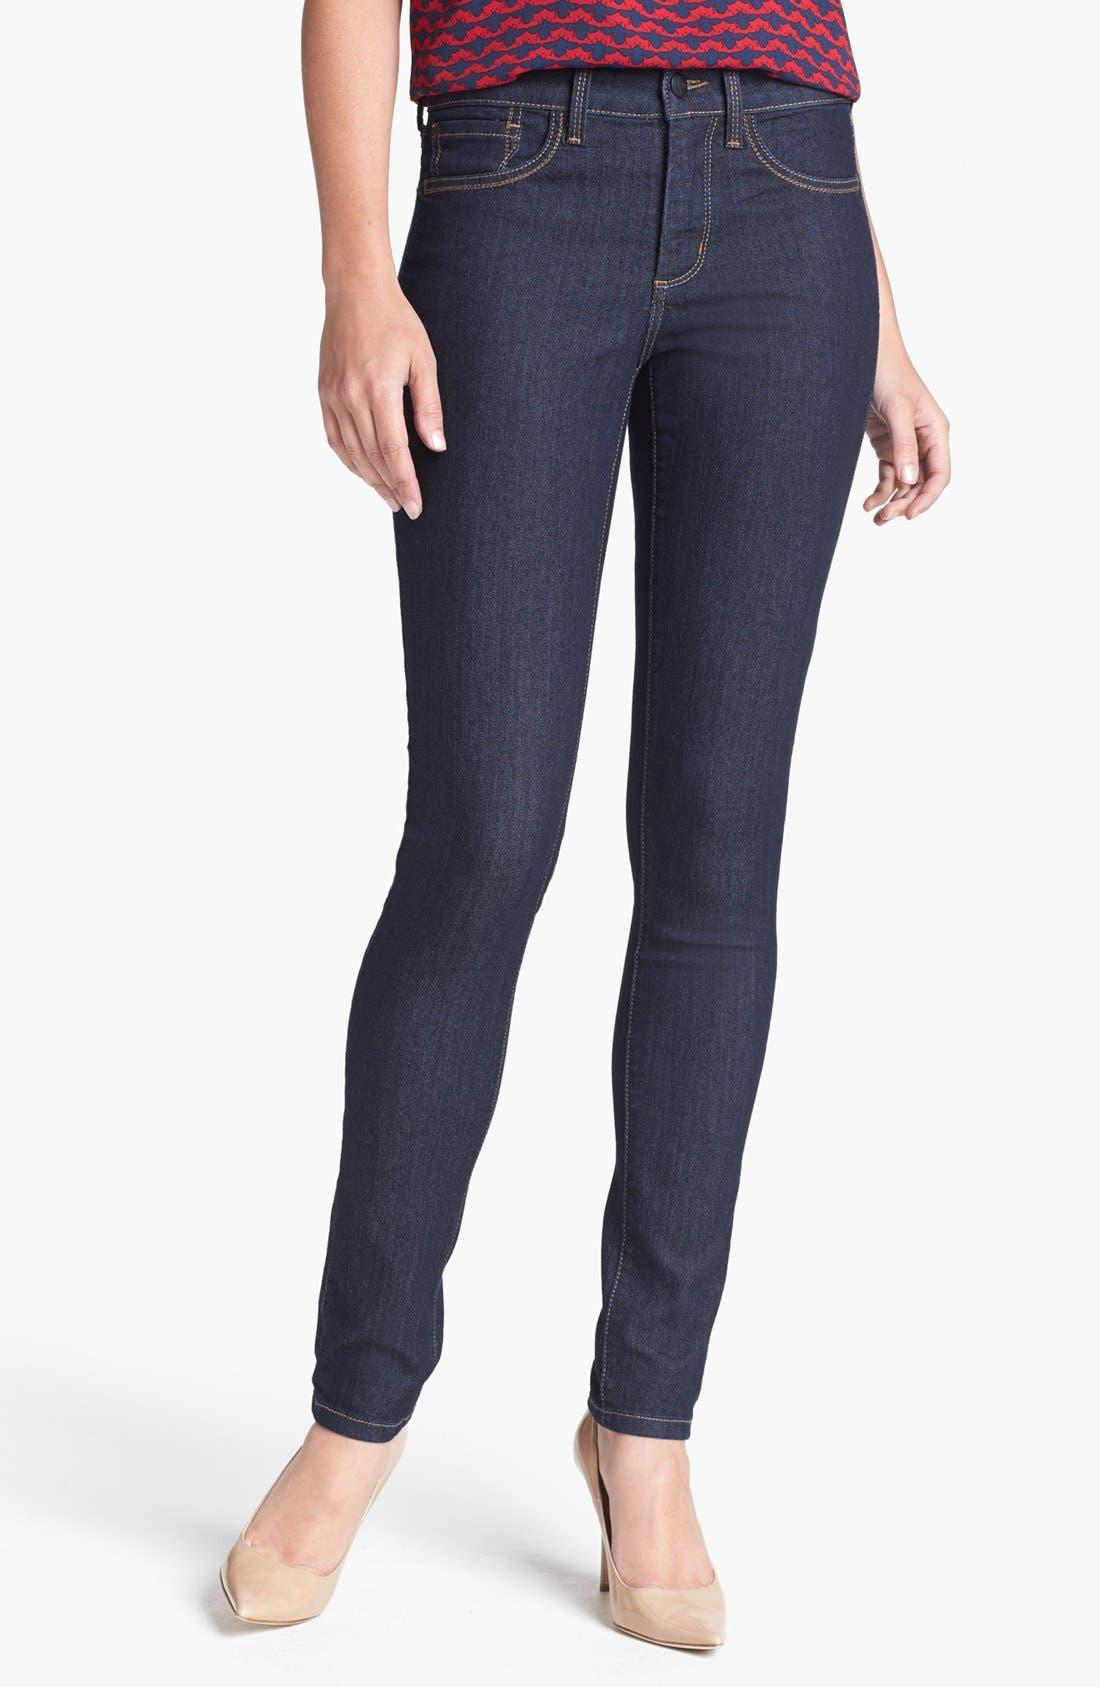 Main Image - NYDJ 'Ami' Stretch Skinny Jeans (Dark Enzyme)